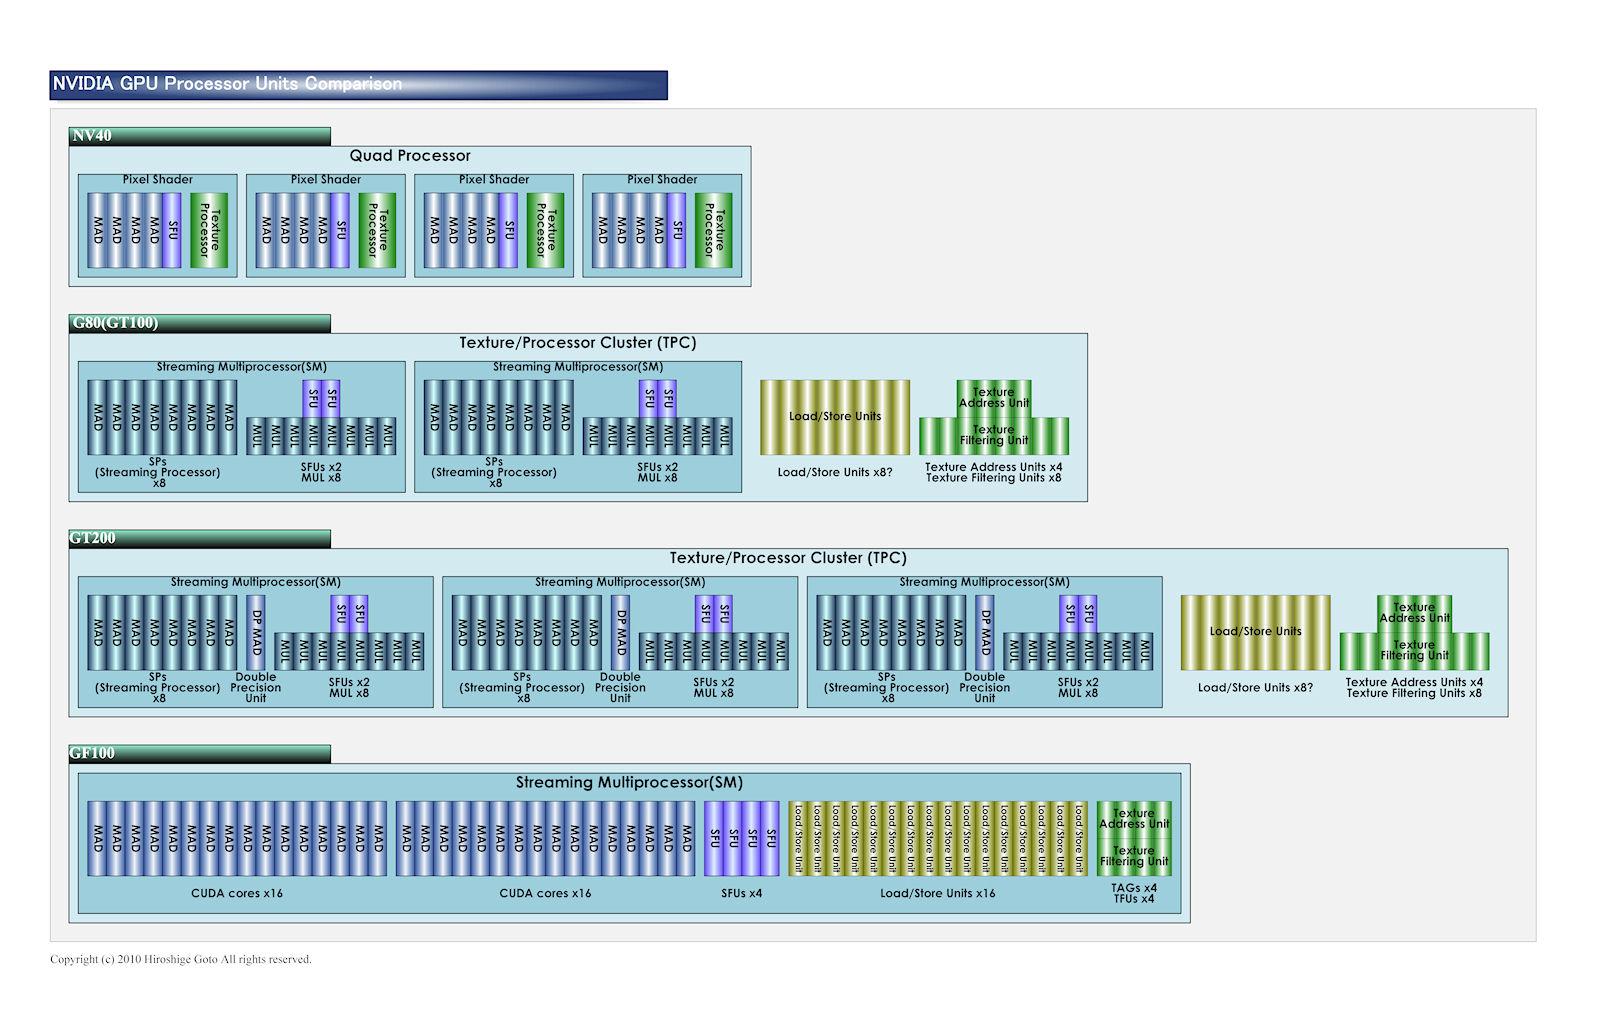 NV40以降のGPUプロセッサユニットの比較